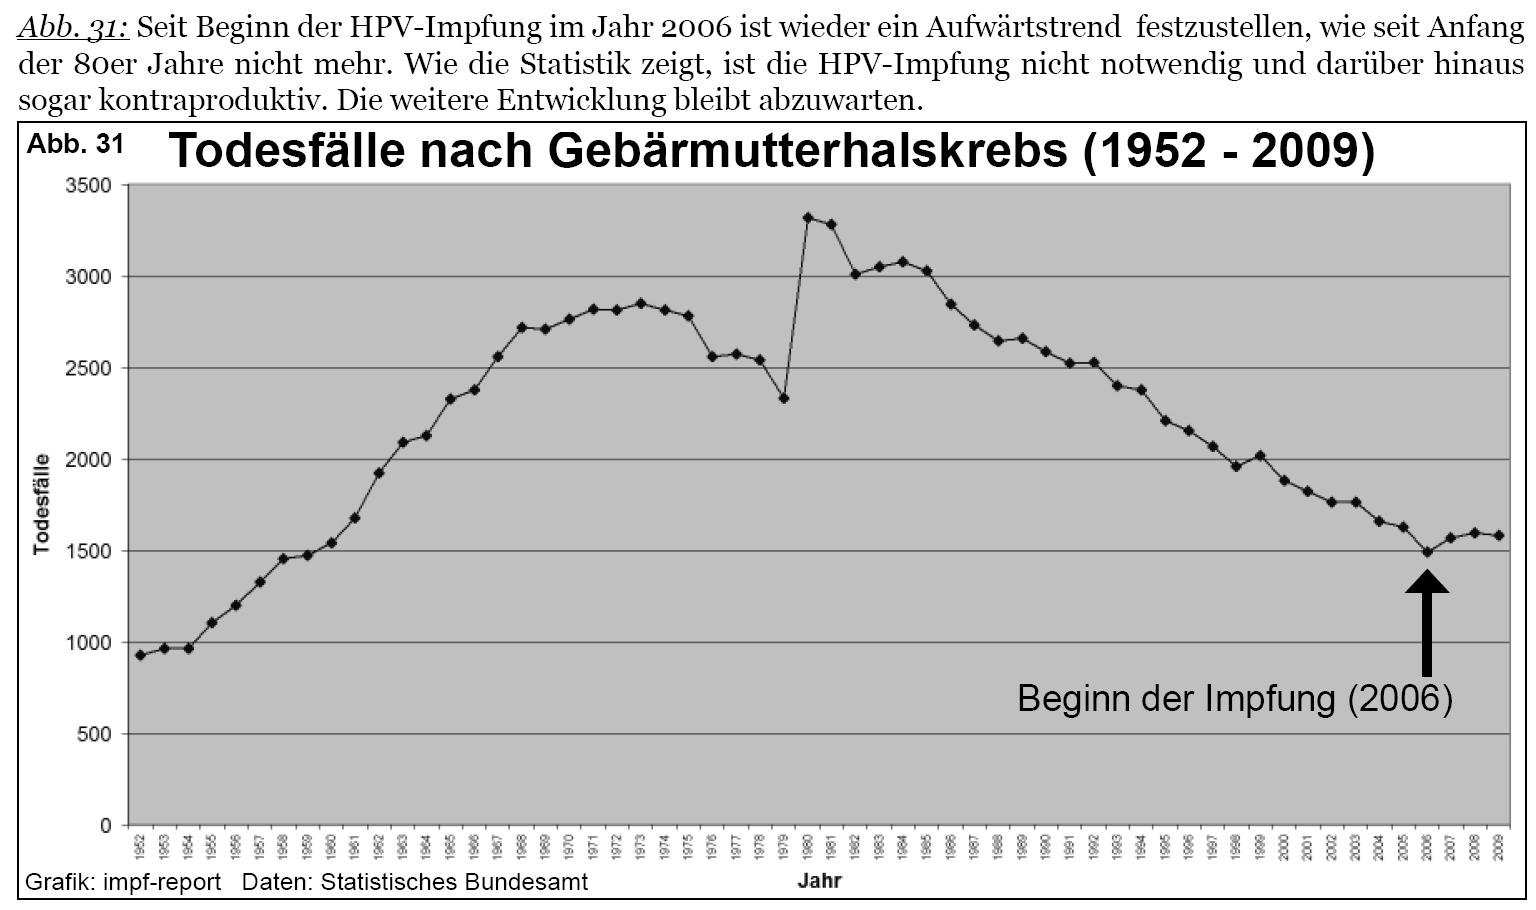 papillomavirus impfung risiken hpv virus cin 3